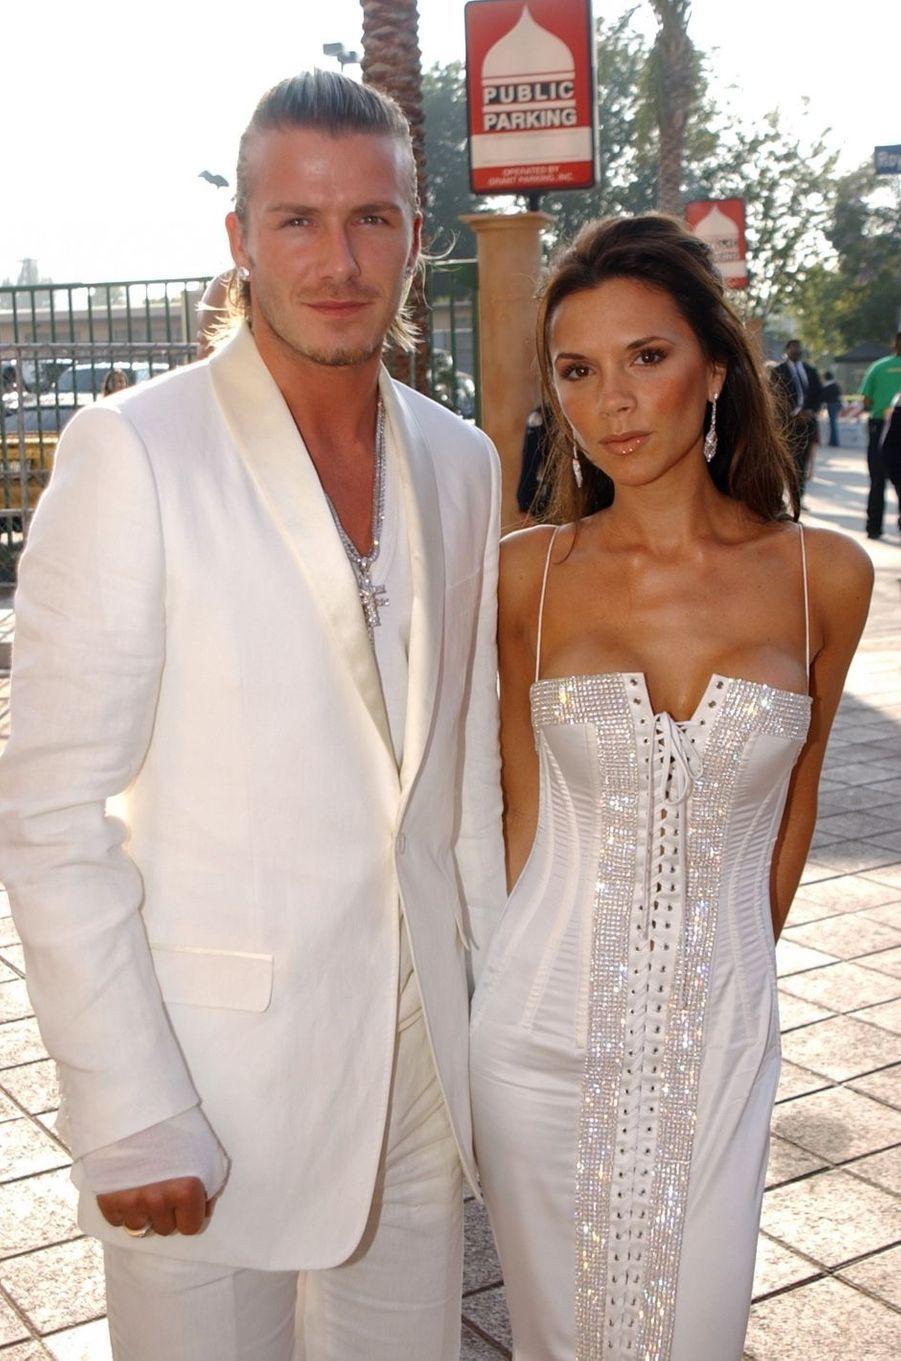 Victoria et David Beckham en 2003. Ils se sont mariés en 1999 et ont eu quatre enfants, Brooklyn, Romeo, Cruz et Harper.